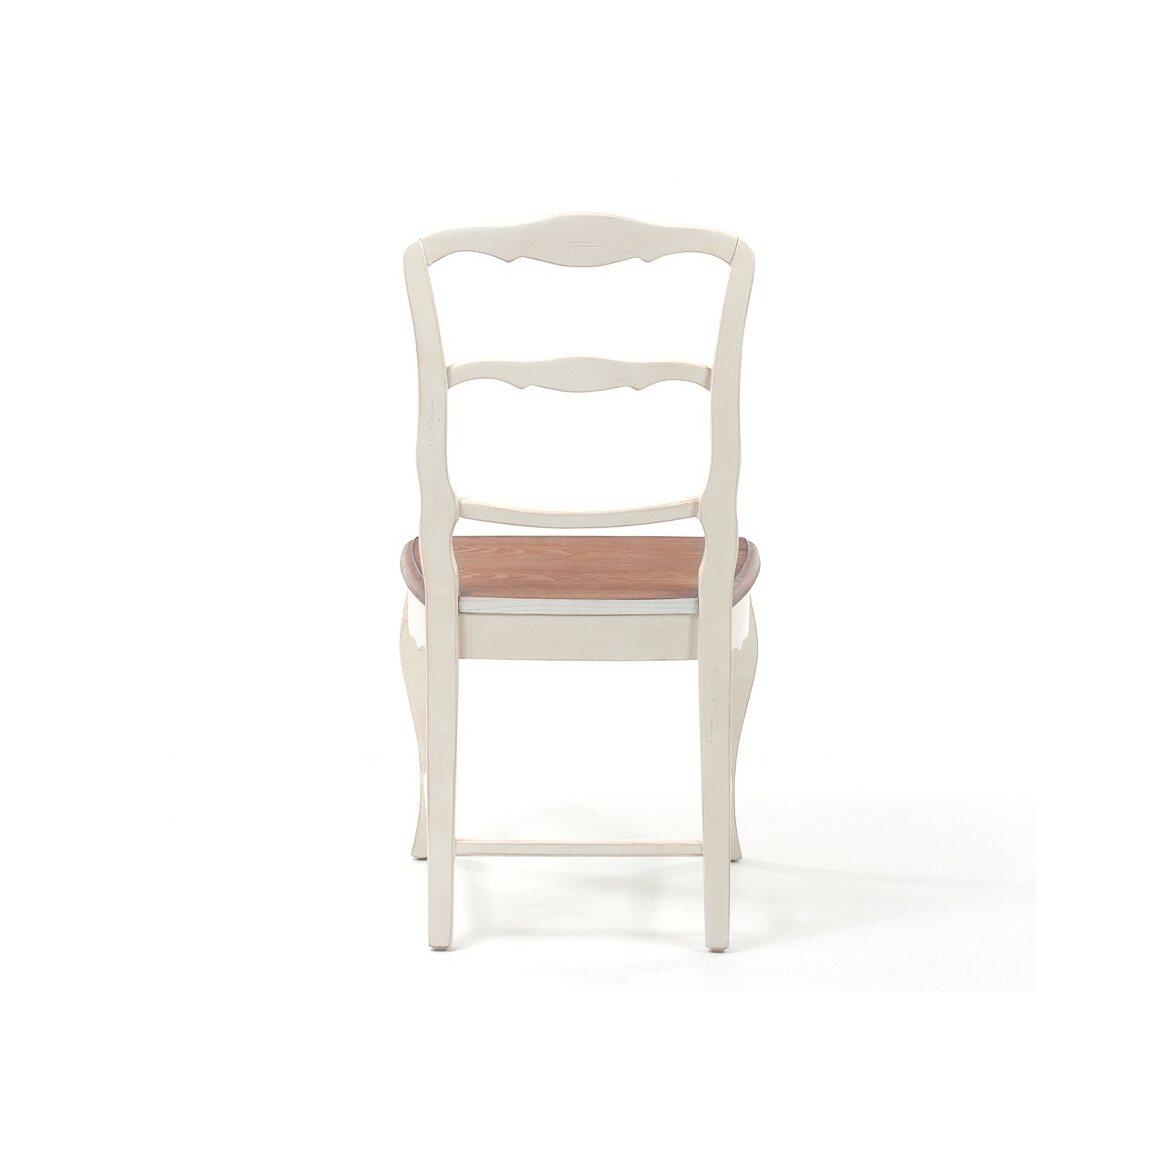 Стул с деревянным сиденьем Leontina, бежевого цвета 6   Обеденные стулья Kingsby